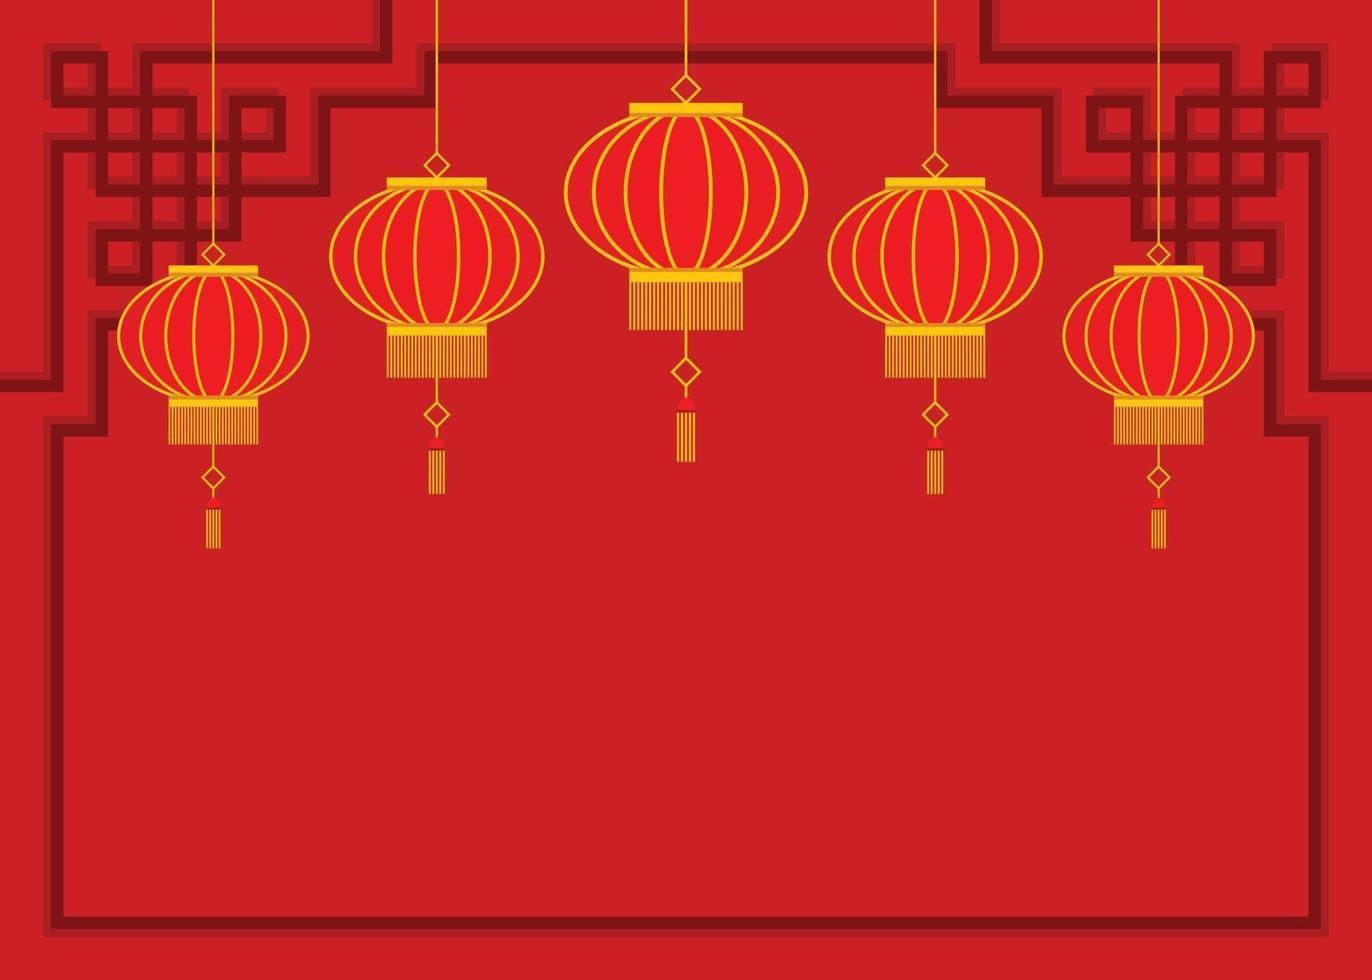 rood behang van chinese lantaarns. vector